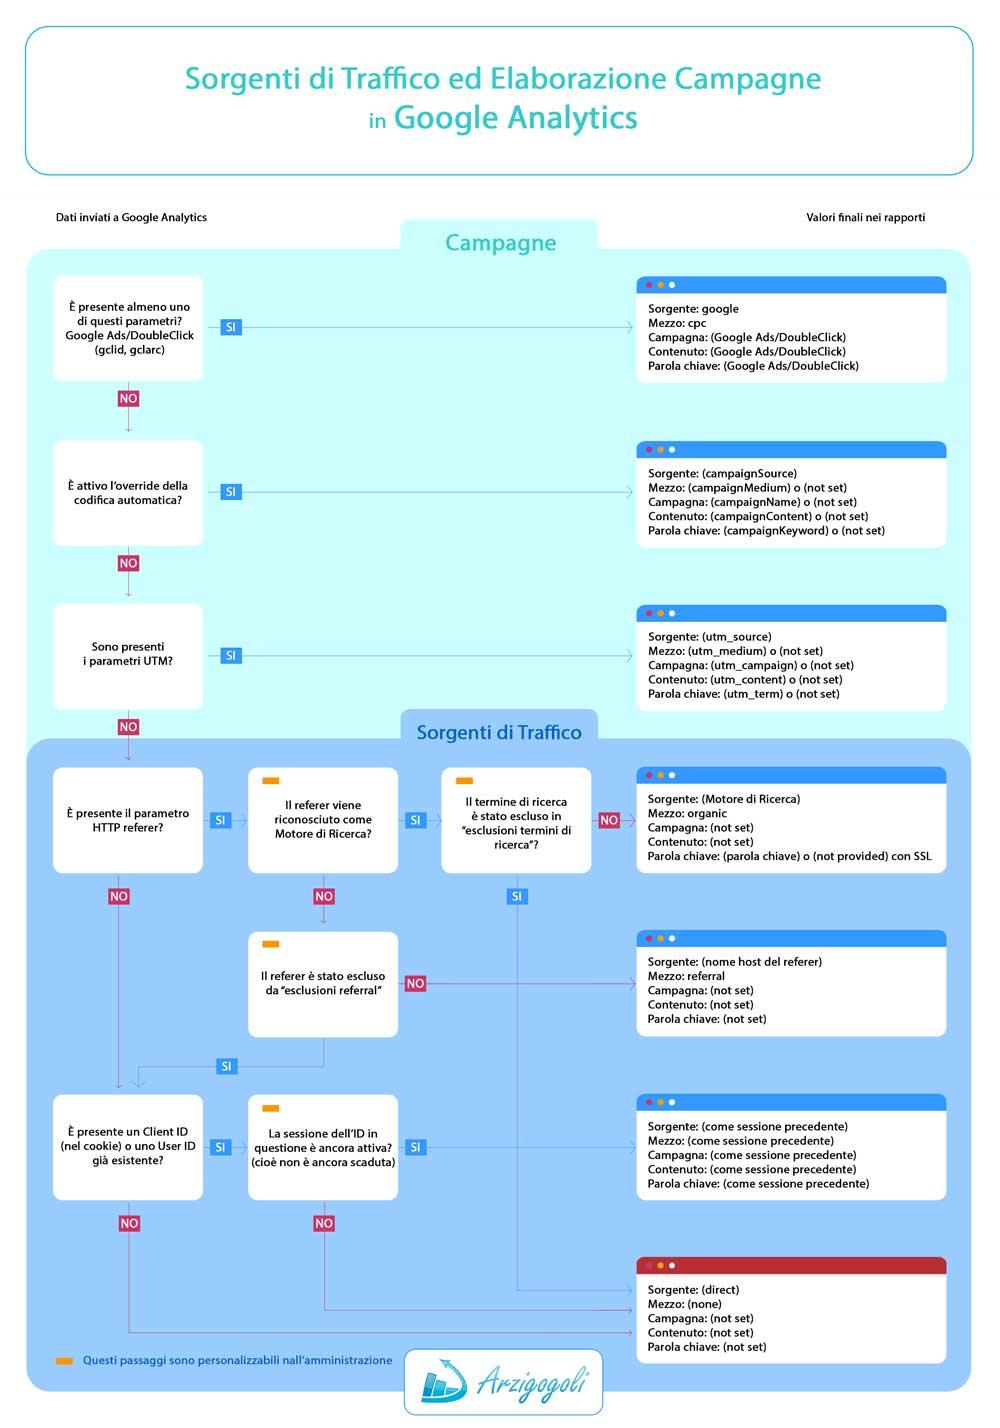 Sorgenti di Traffico ed Elaborazione Campagne in Google Analytics